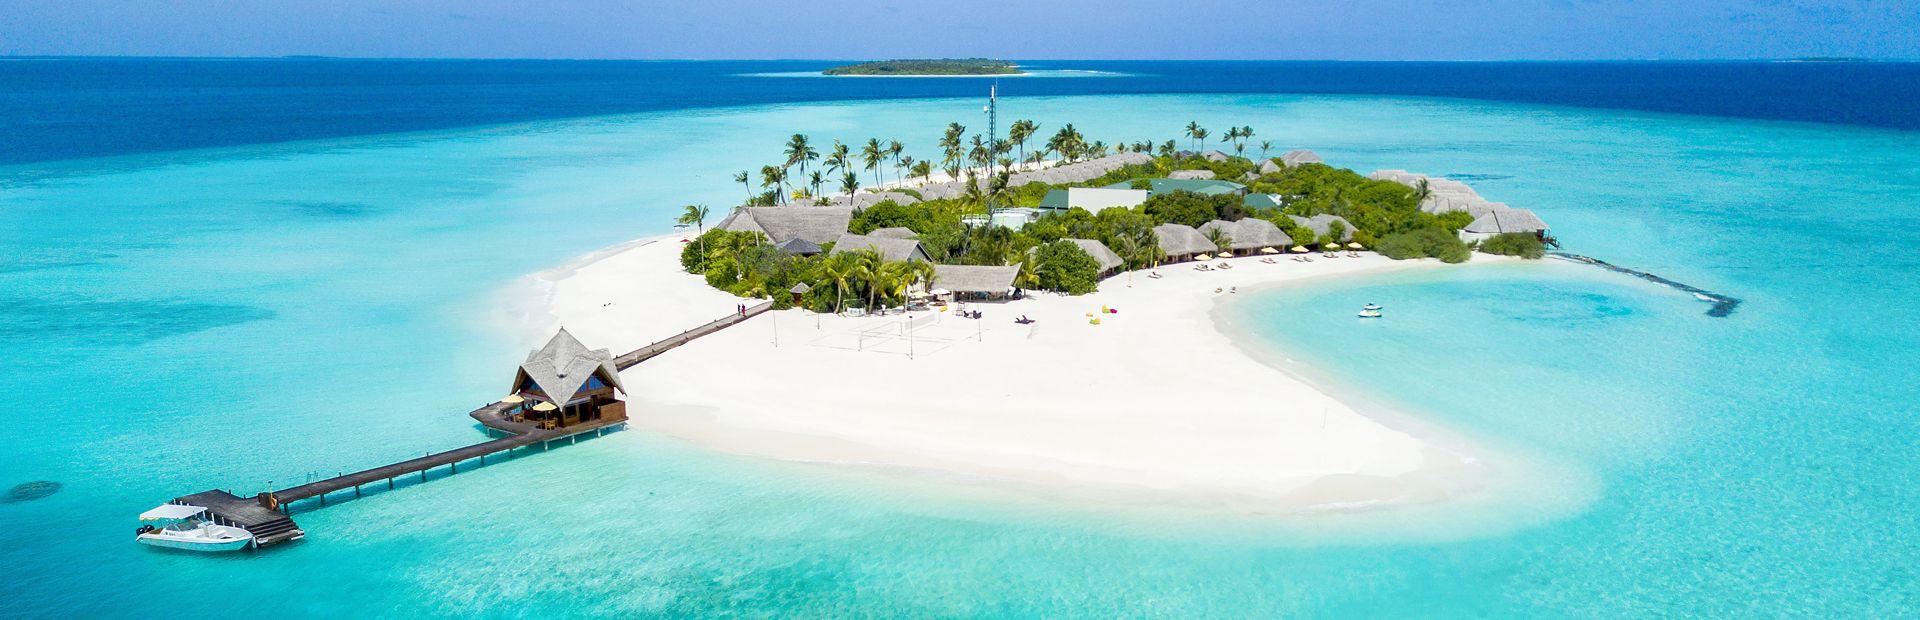 Dhigufaru Island Resort Baa Atoll Maldives